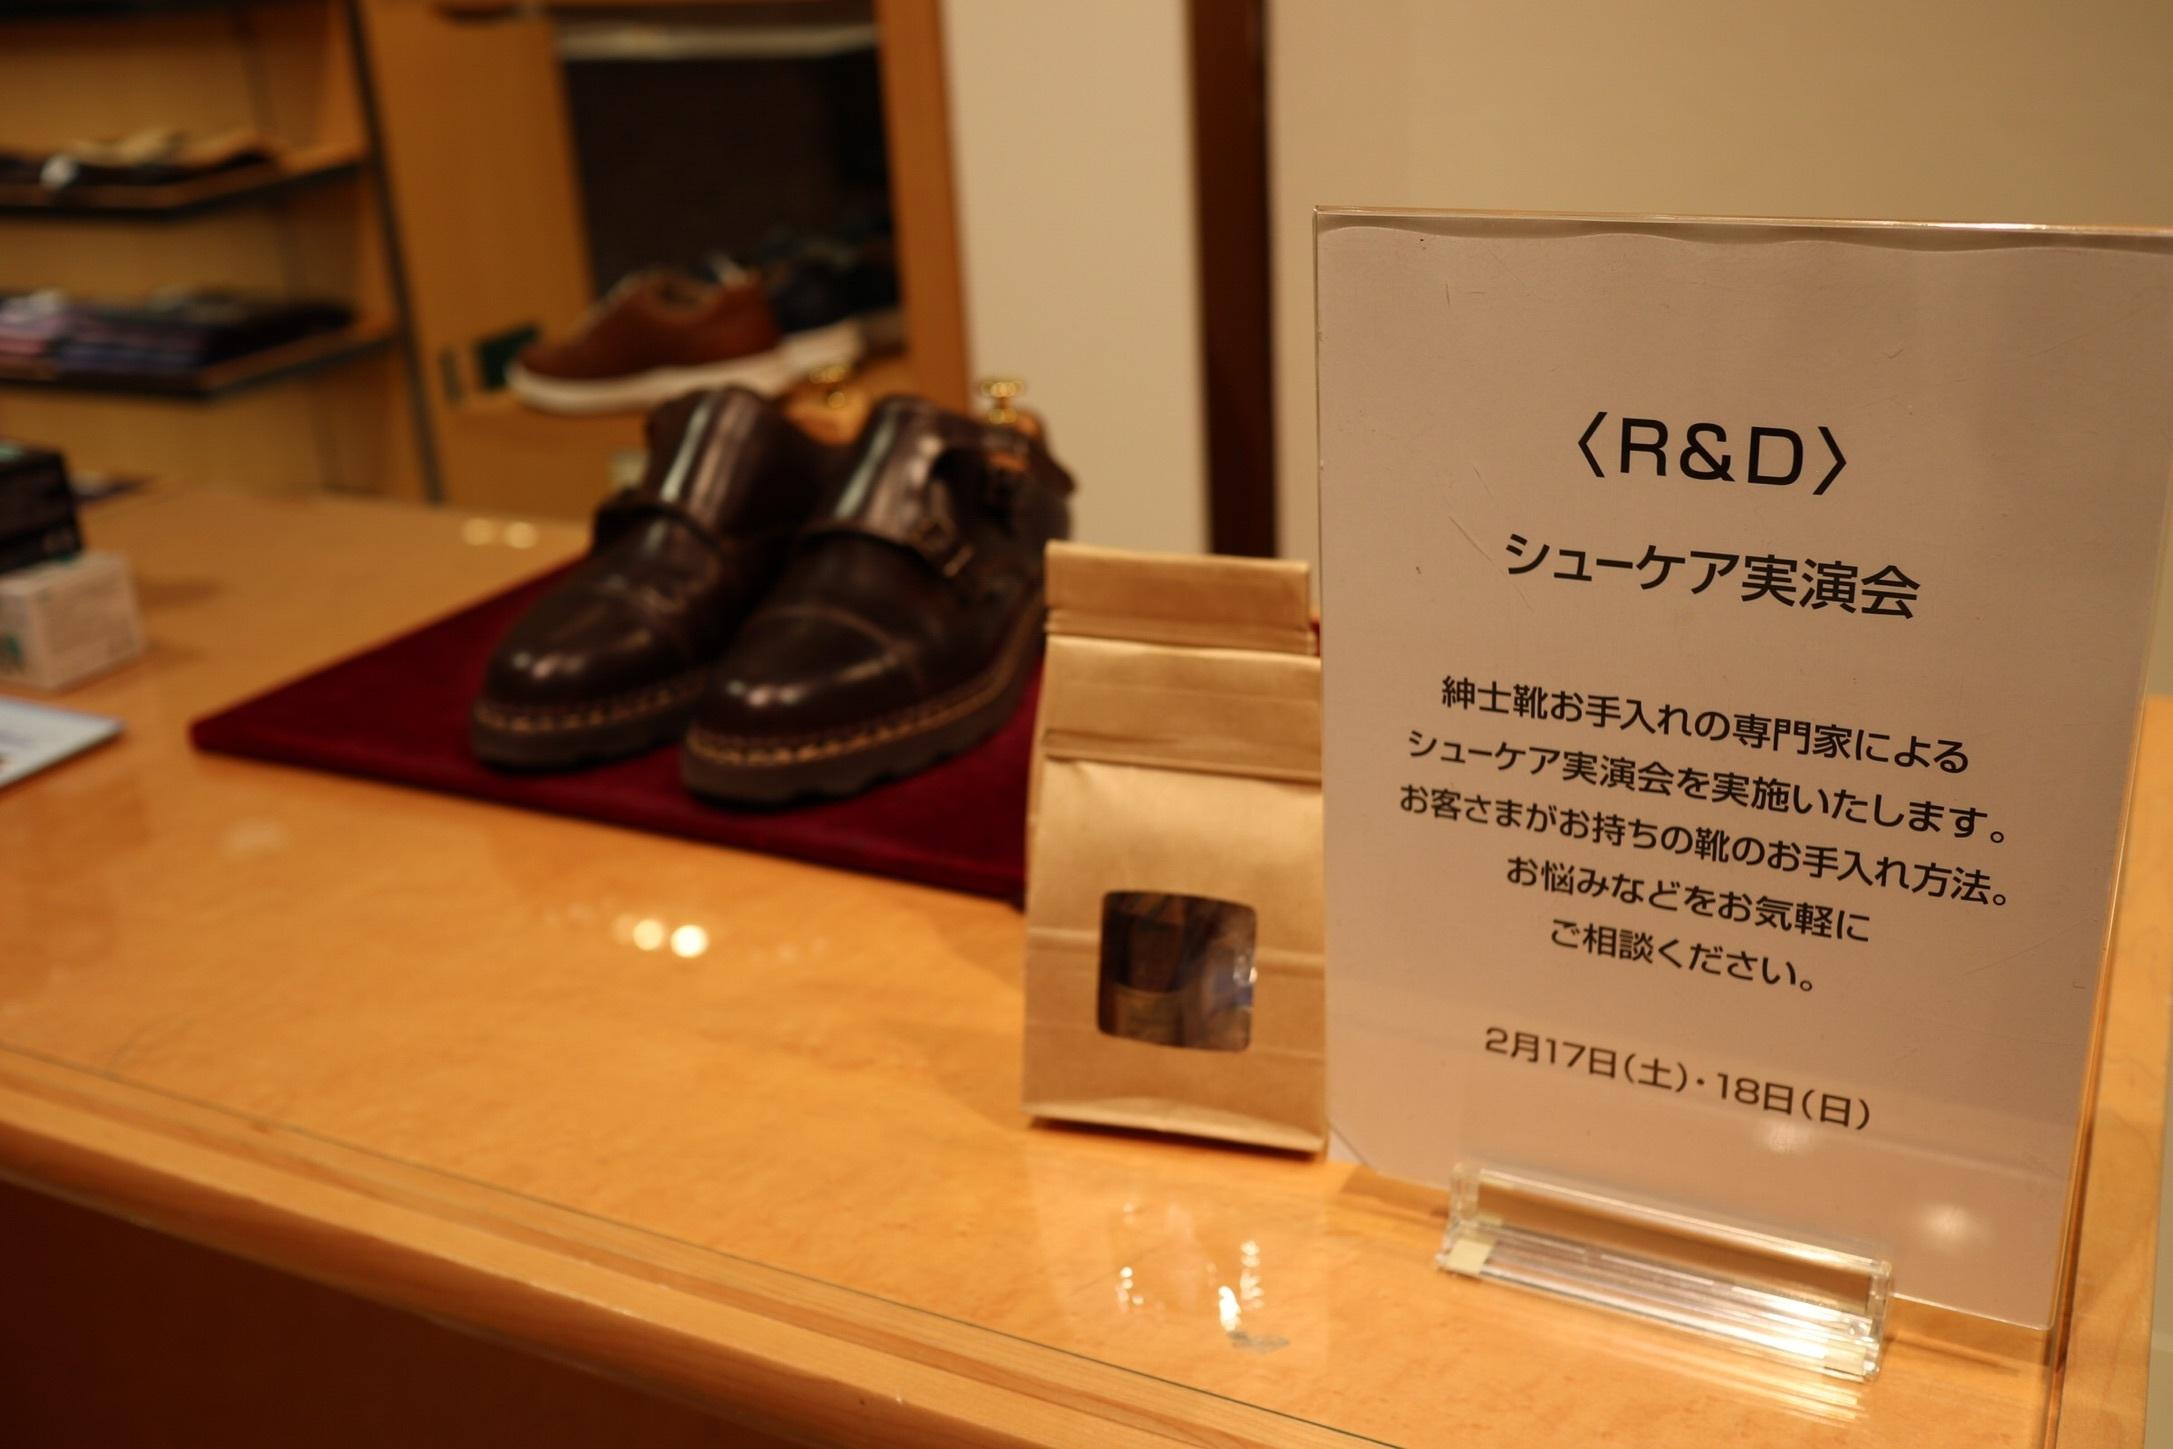 ☆予告☆靴のお手入れ相談会を開催します!_a0154931_13505835.jpg